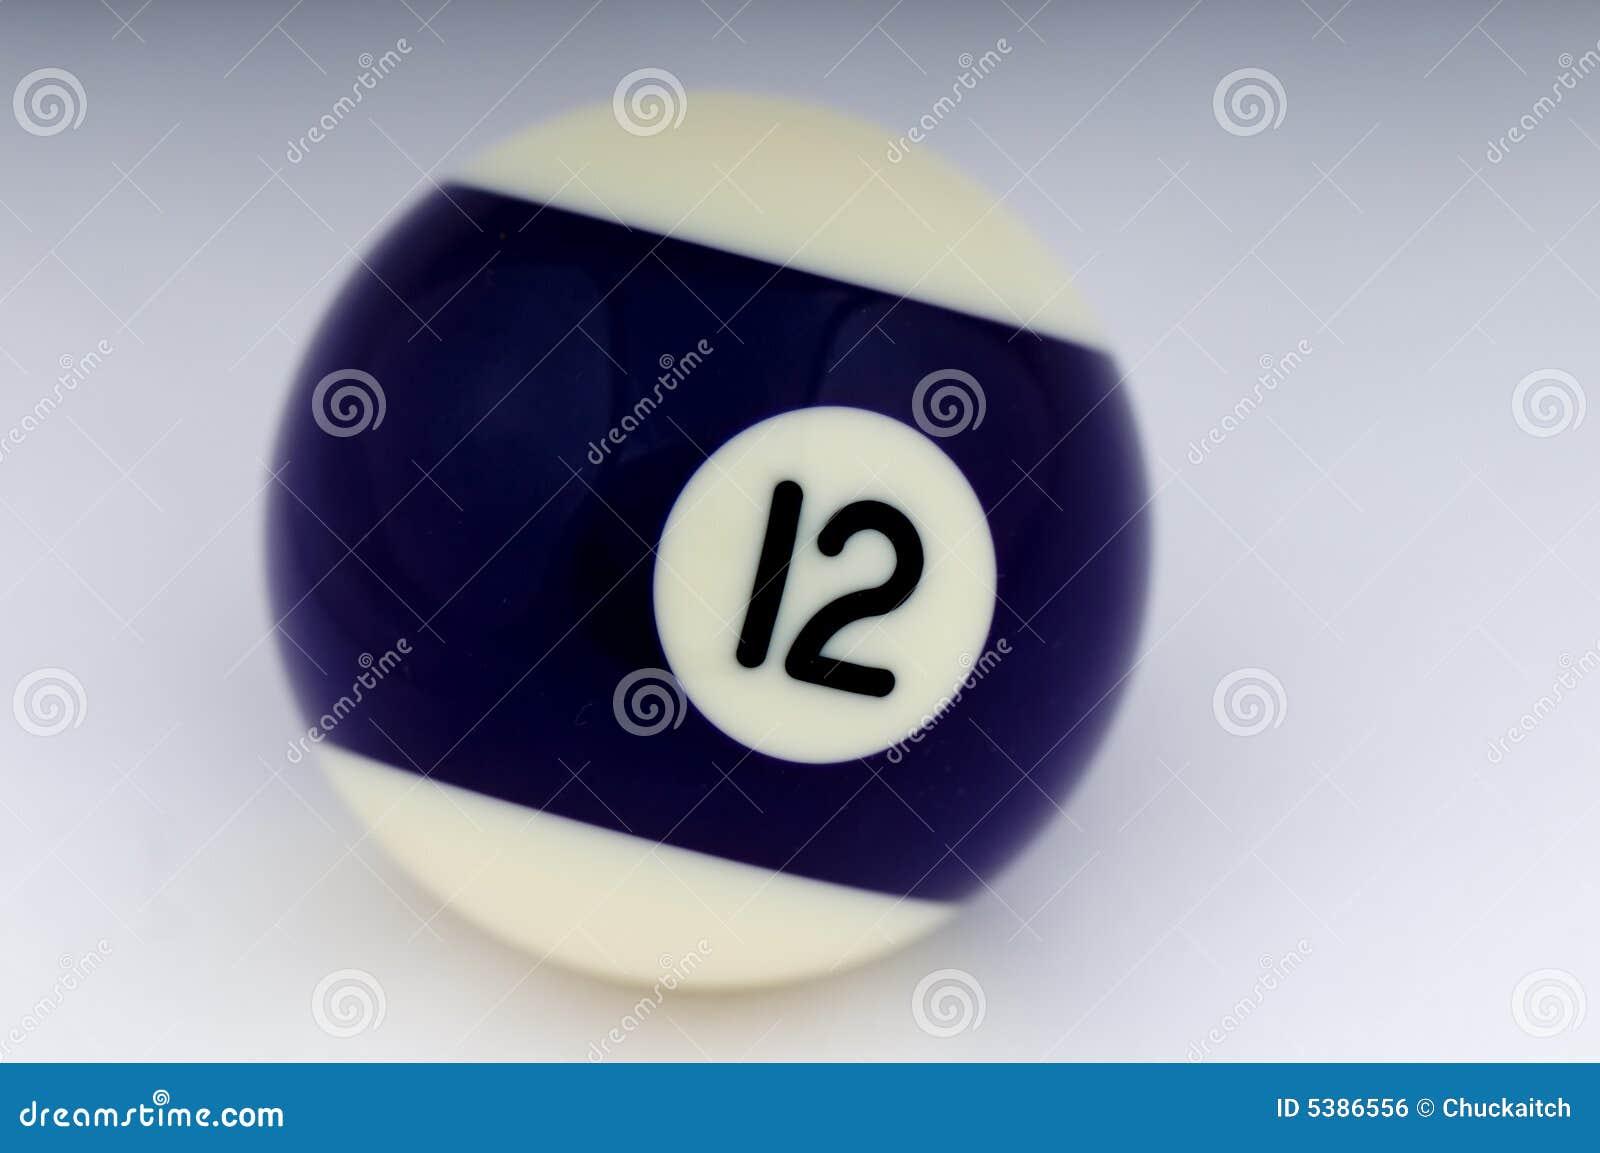 No 12 Pool Ball